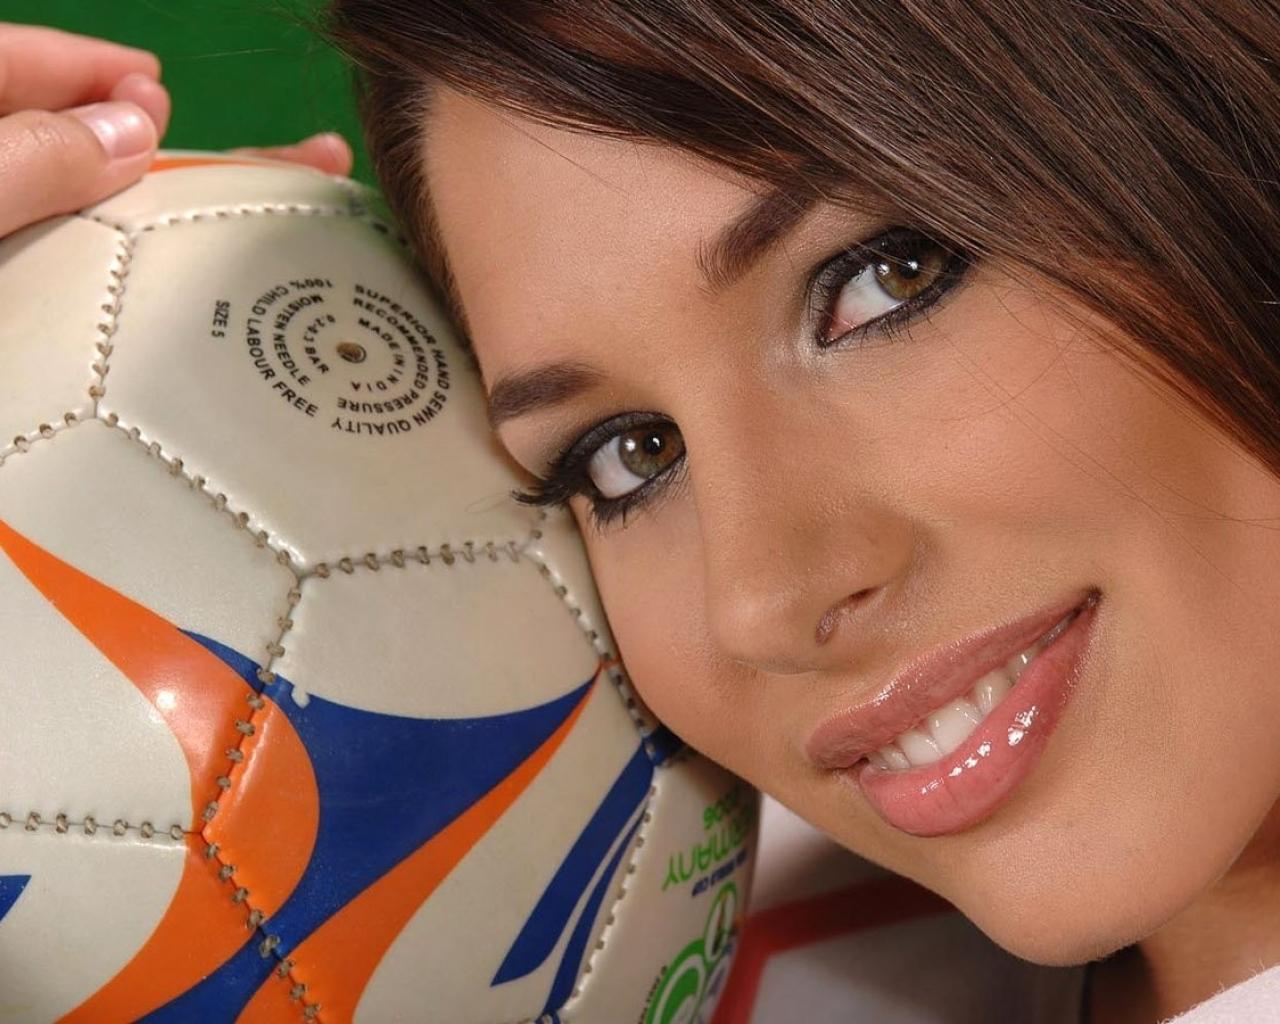 Una chica y balón de fútbol - 1280x1024